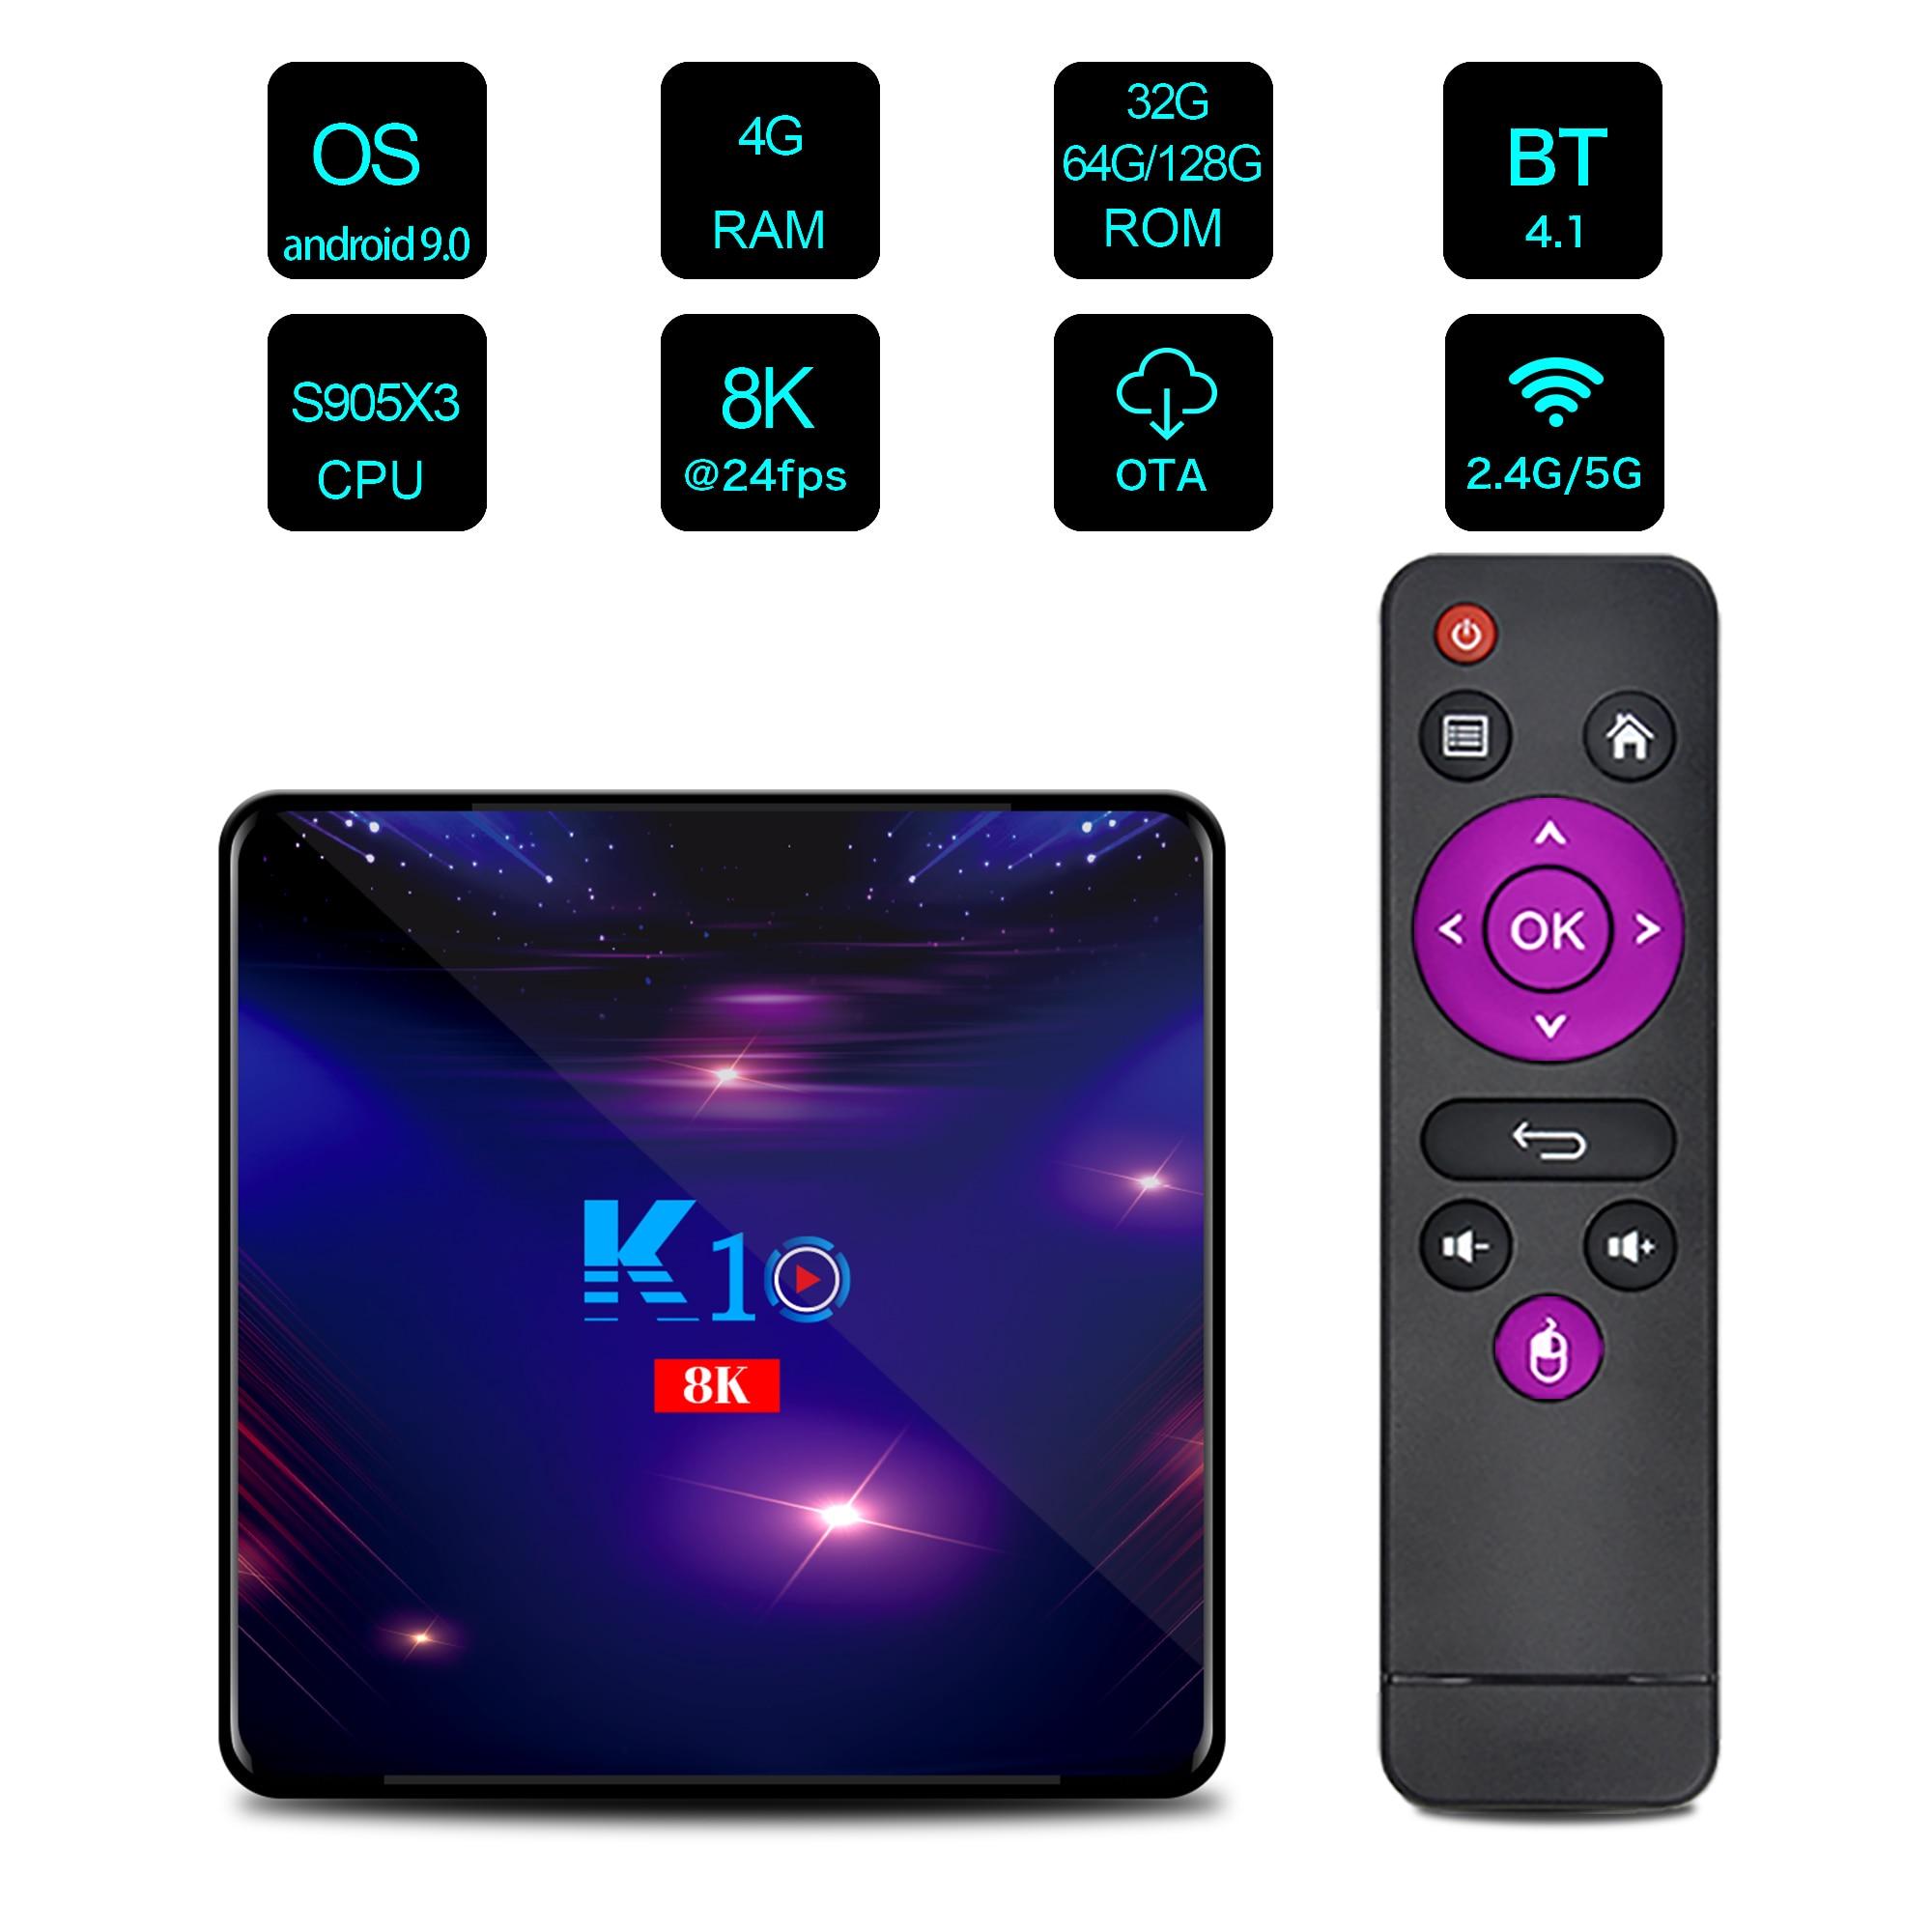 K10 Android 9.0 TV Box S905X3 Quad Core 4GB RAM 32/64/128GB ROM 2.4G /5G WIFI 1000M 8K BOX Change desktop backgro PK H96 MAX